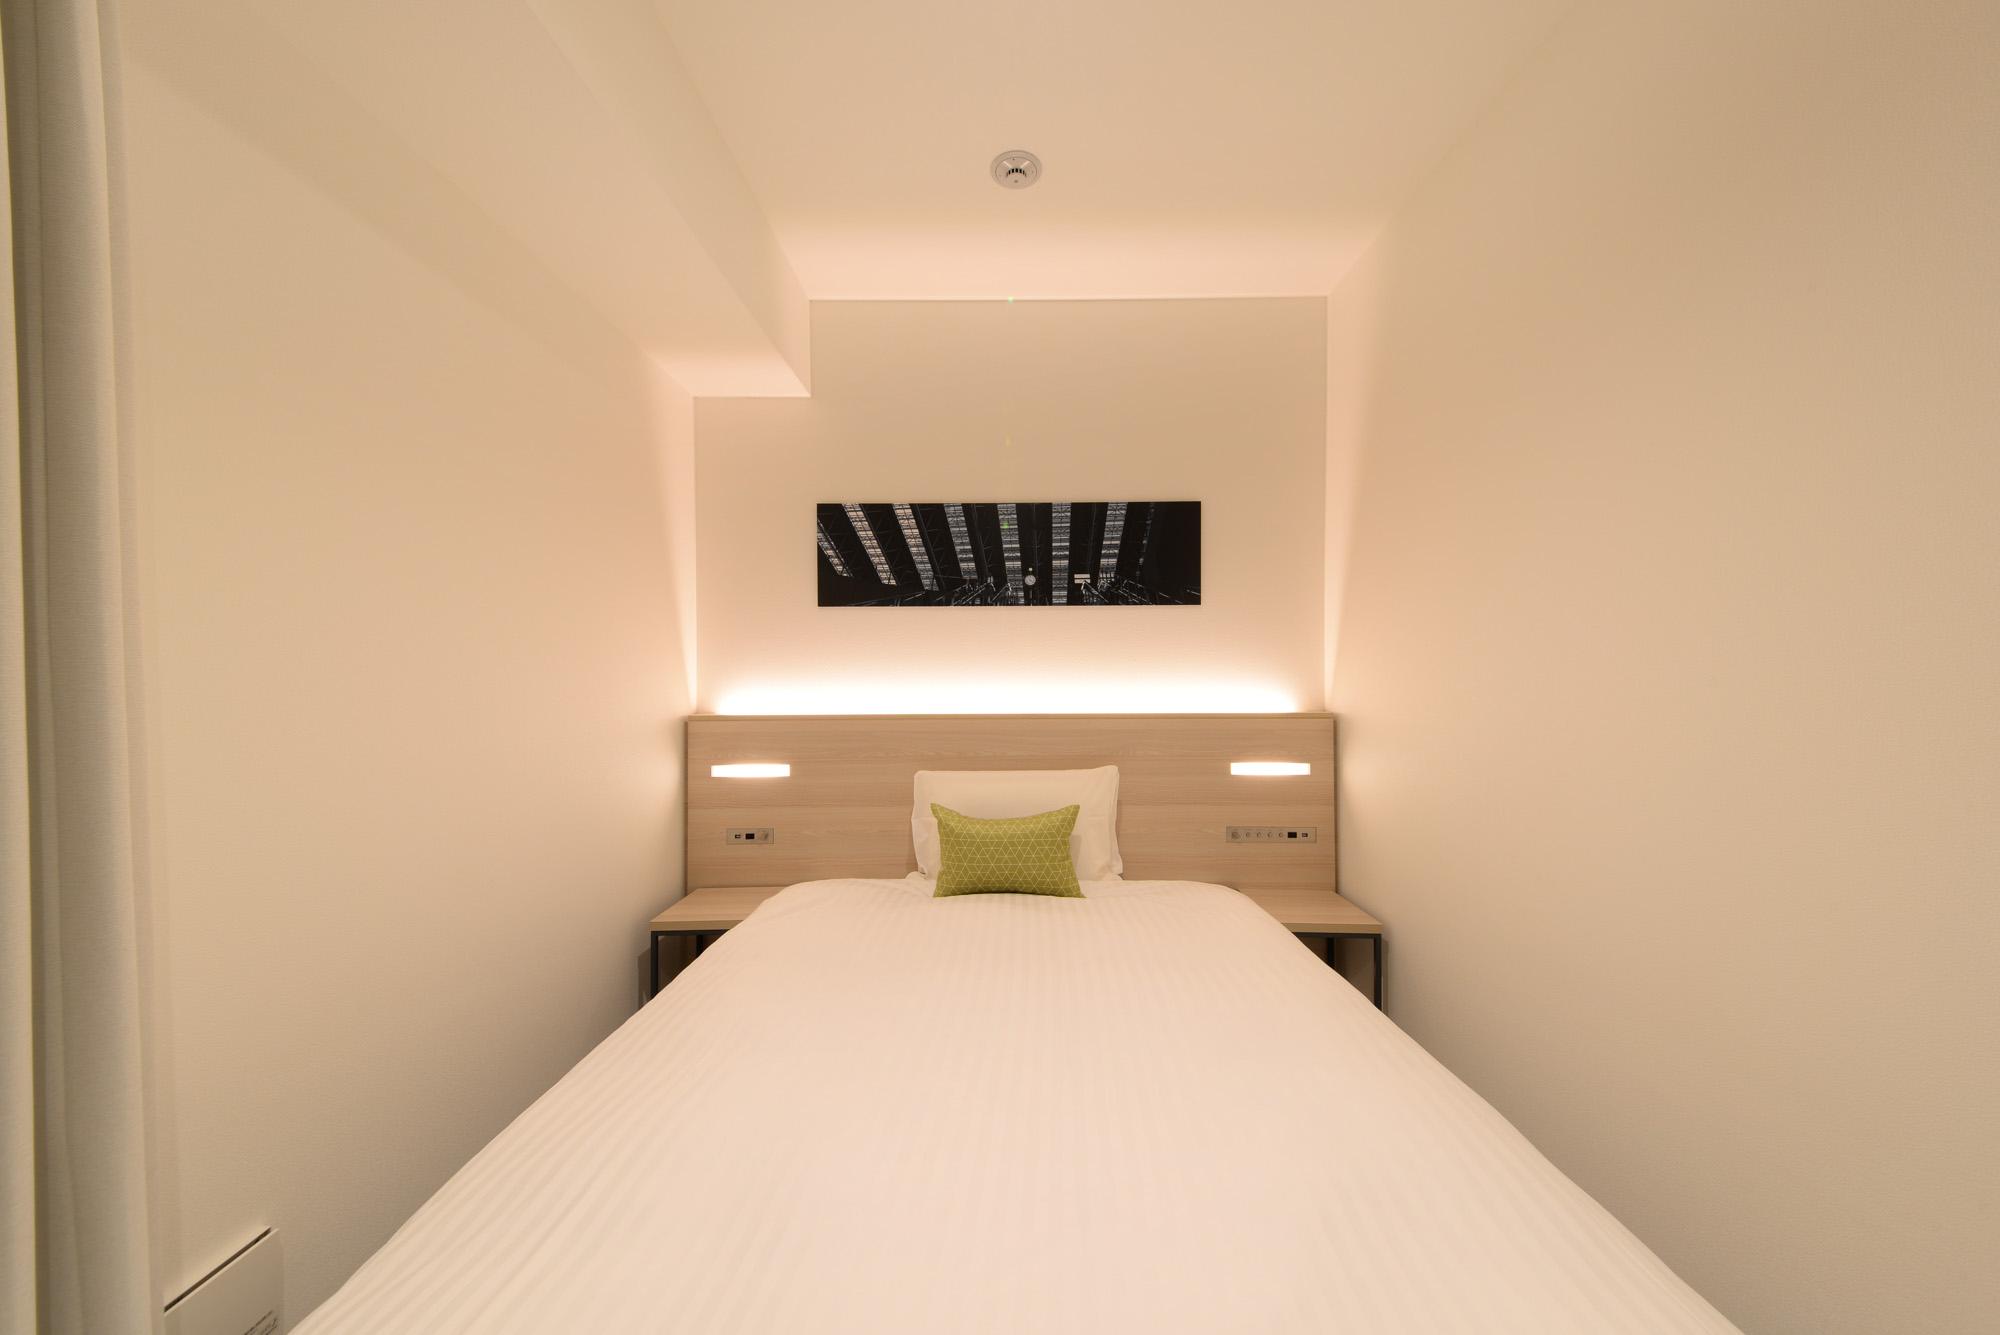 お部屋のデザインもミニマムでかっこいい。